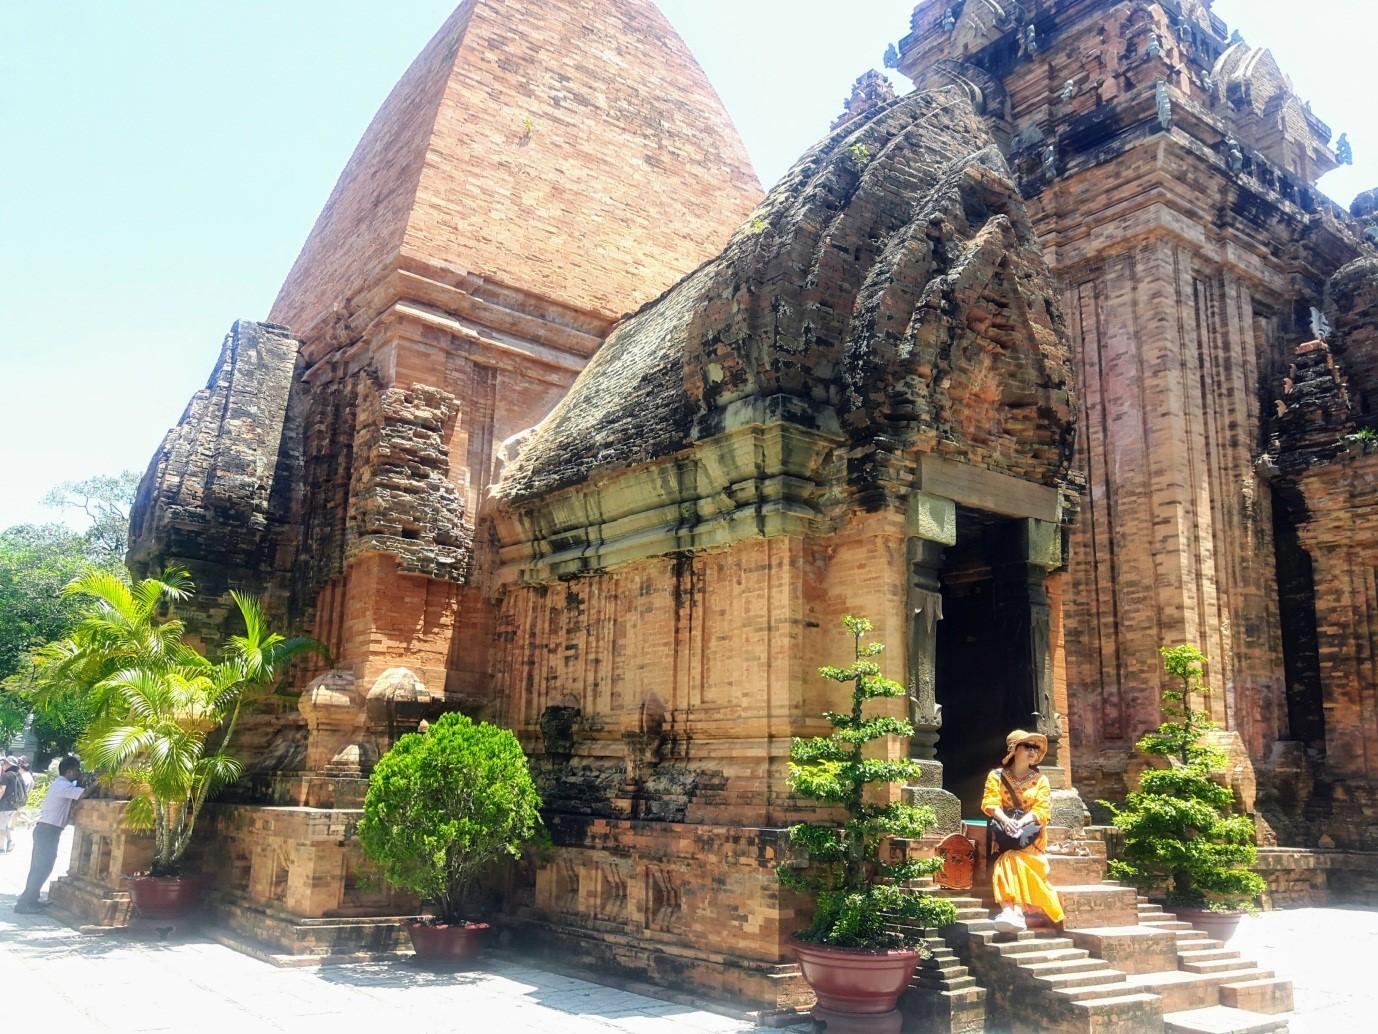 Du lịch Nha Trang để thấy Việt Nam đẹp mê đắm thế nào? - 27